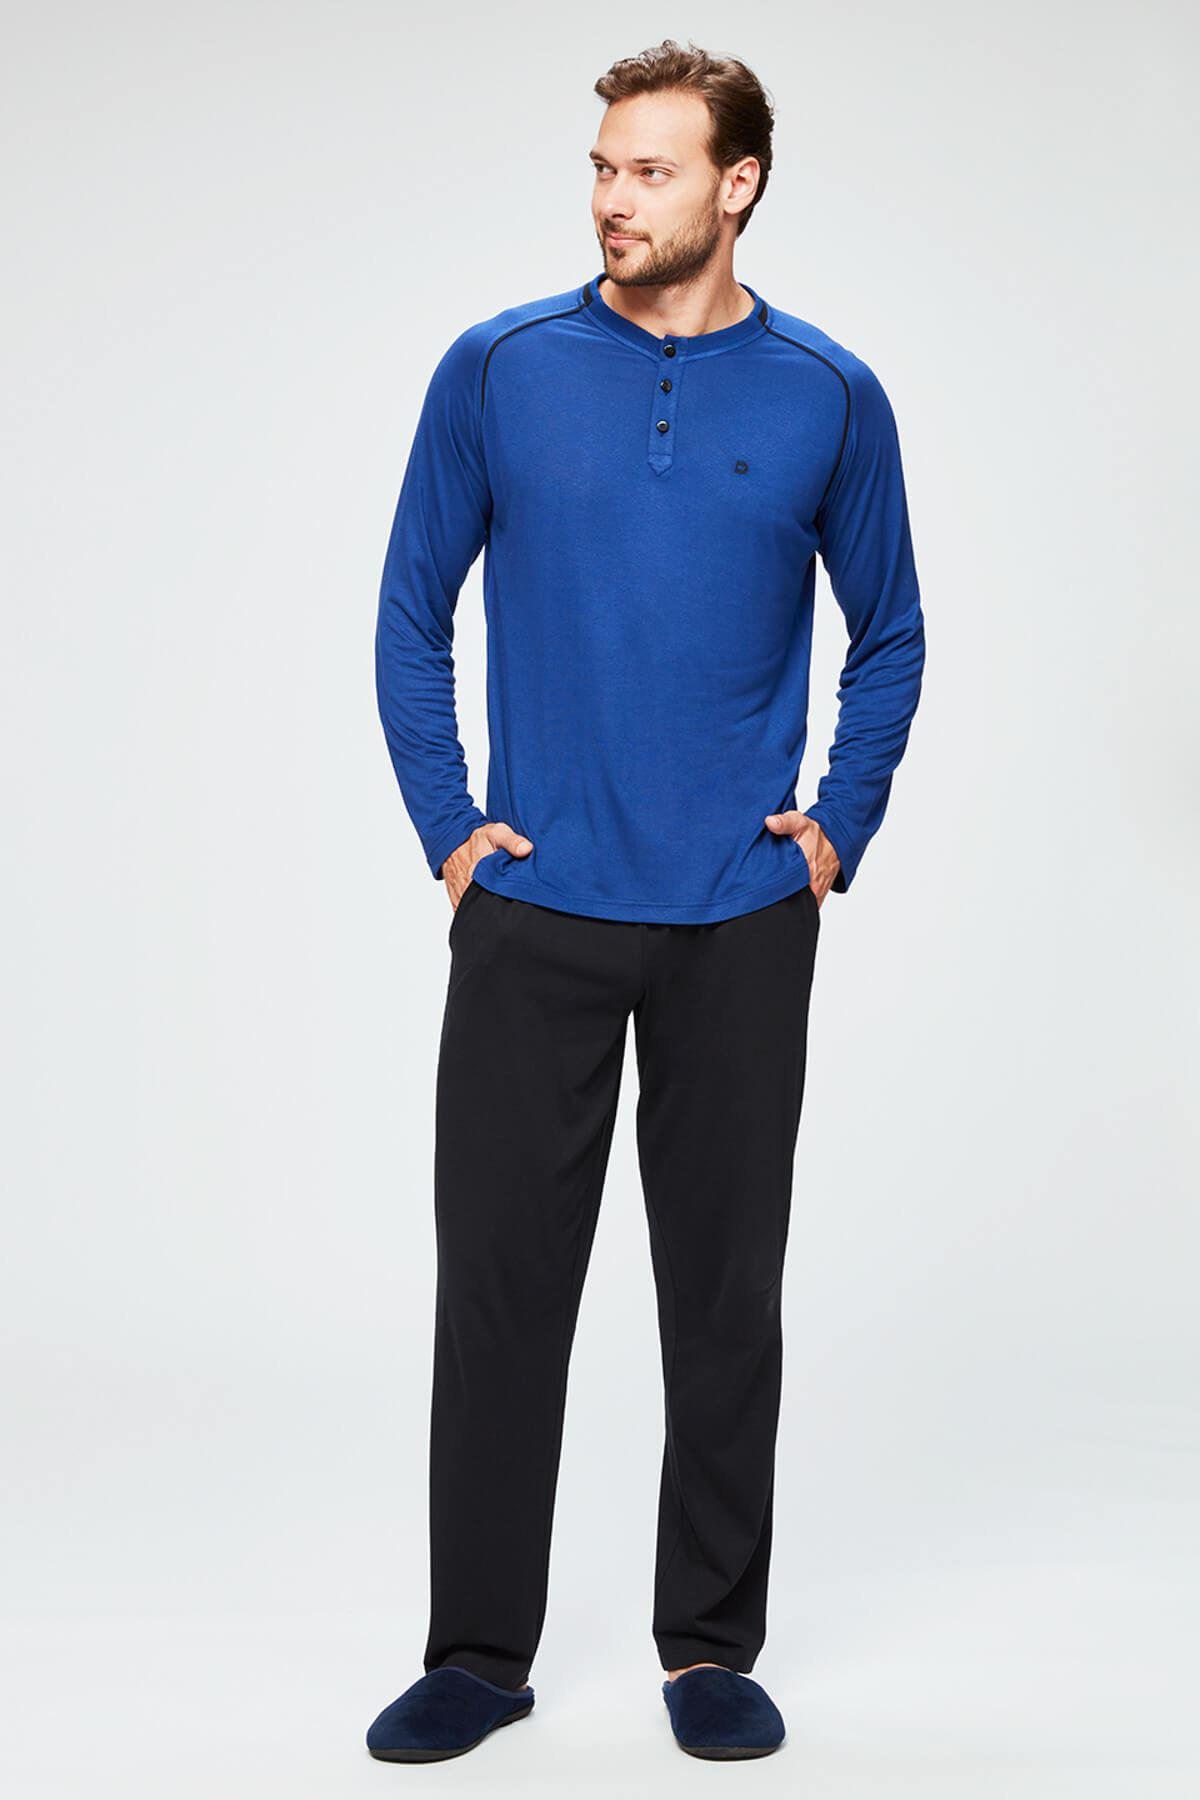 Erkek Saks Mod. O Patlı Paçası Rib. Uzun Kollu Pijama Takımı